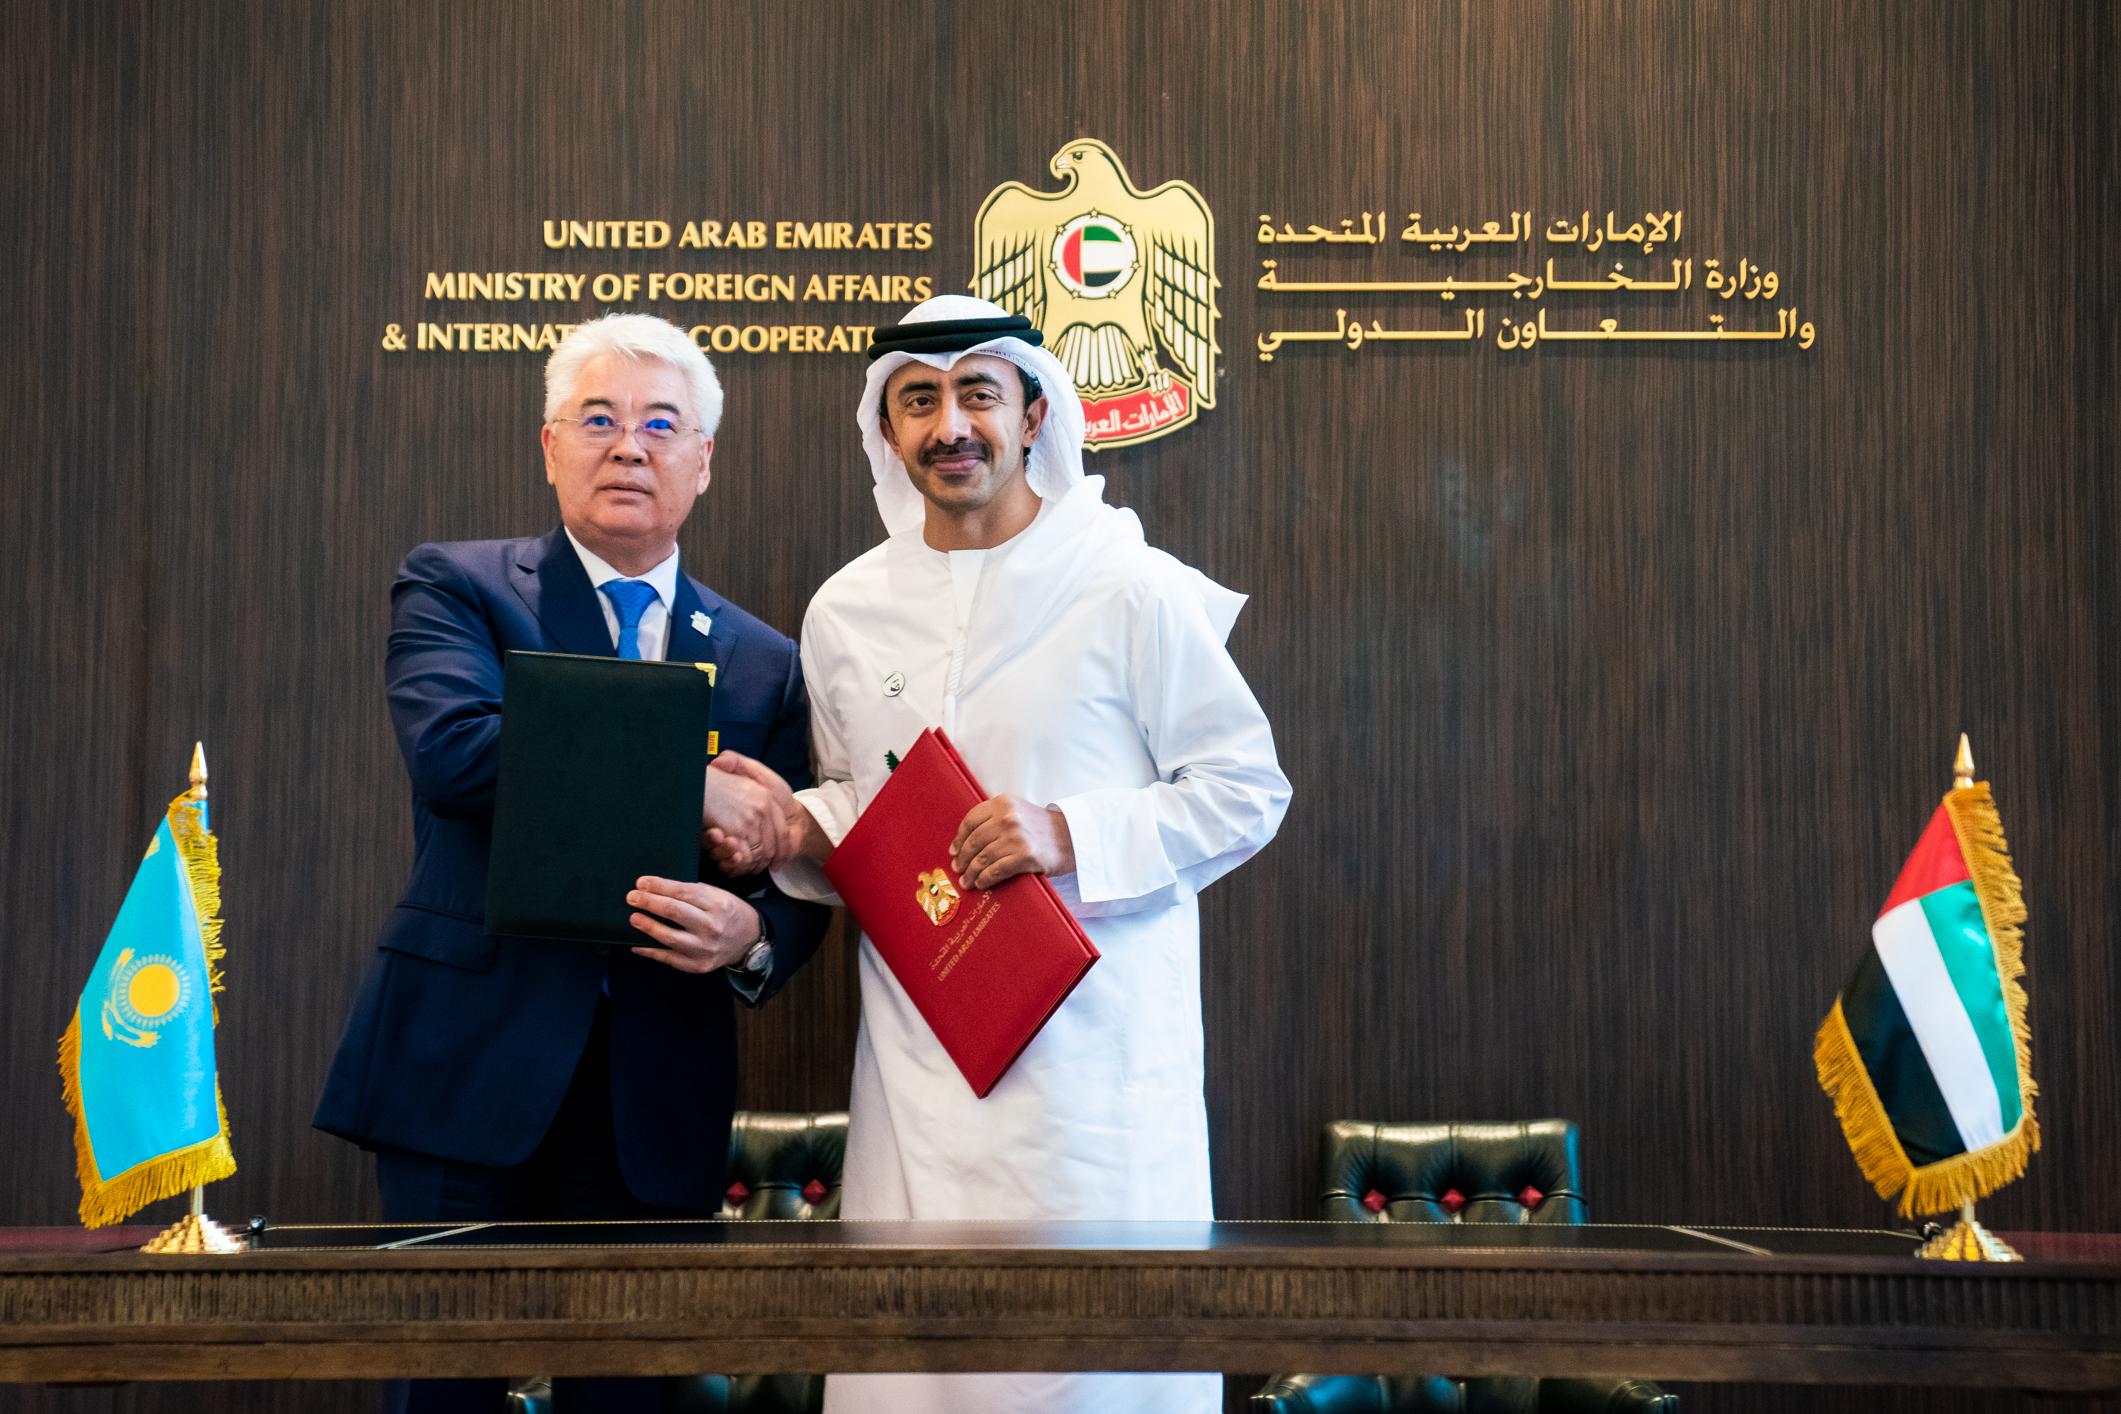 عبدالله بن زايد يترأس أعمال اللجنة المشتركة بين الإمارات وكازاخستان